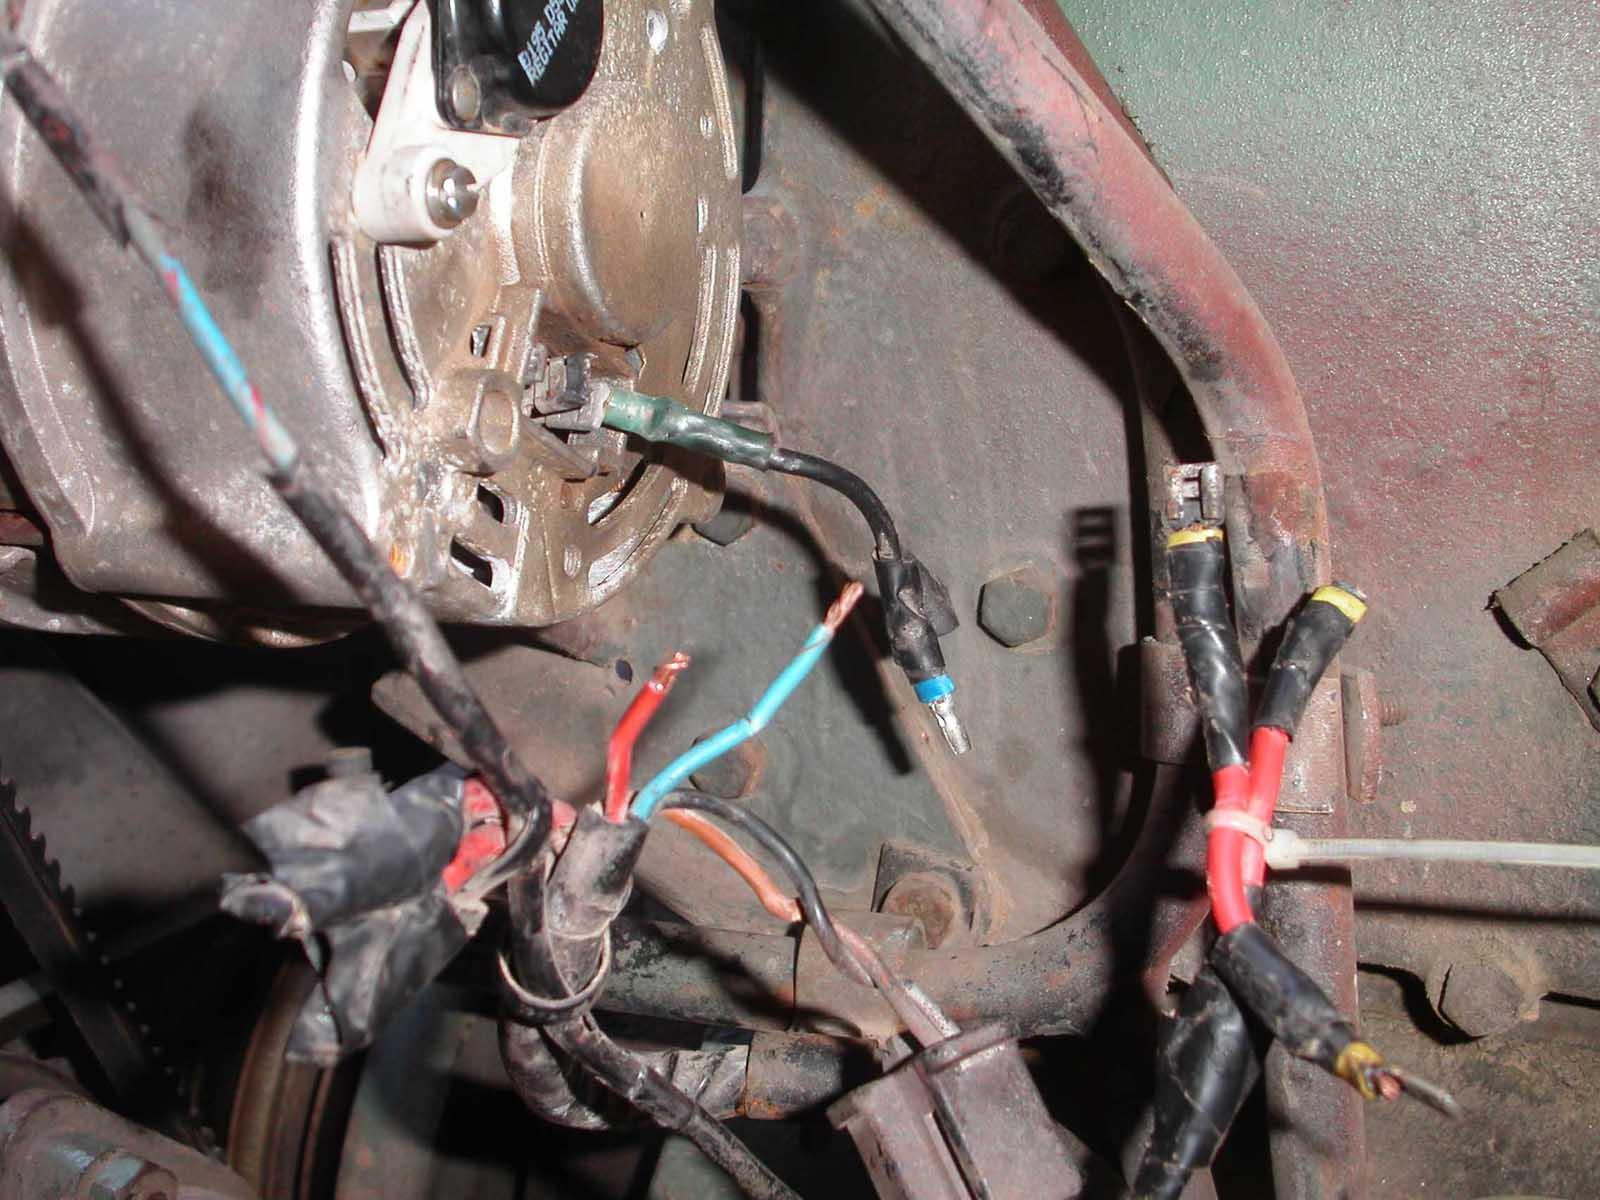 [DIAGRAM_3US]  406/416 Alternator Wiring: Need Help!!   Mercedes-Benz Forum   Mercedes Alternator Wiring      BenzWorld